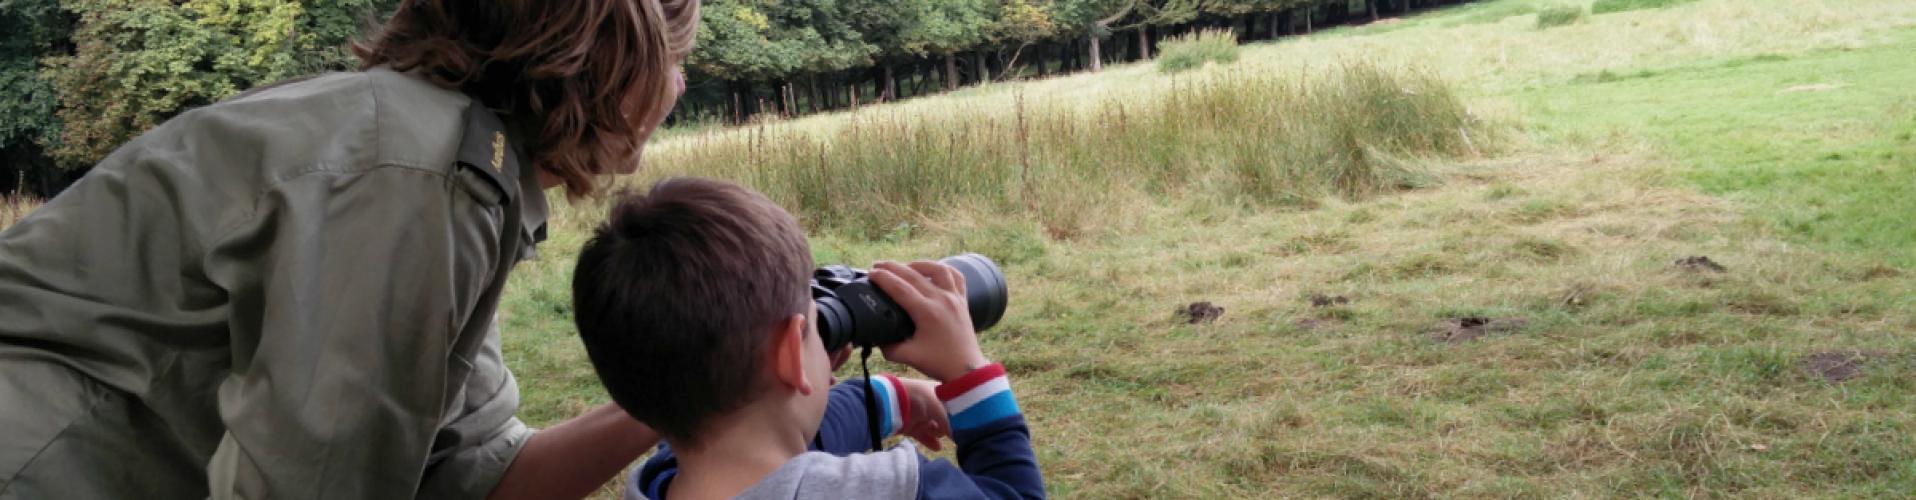 Tips en uitjes in Gelderland met kinderen